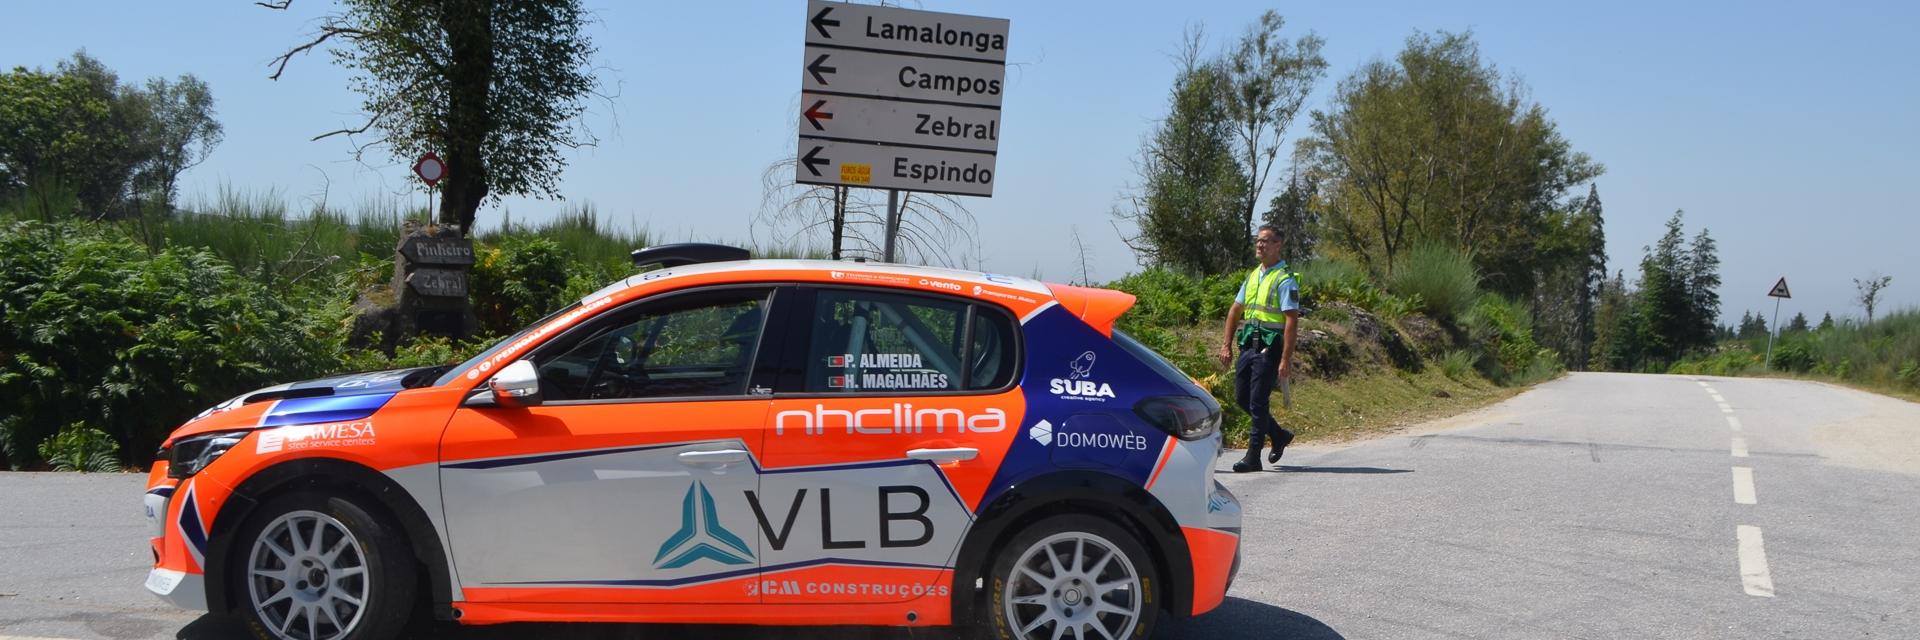 Pedro Almeida e Hugo Magalhães Testaram Peugeot 2008 Rally 4 na Serra da Cabreira